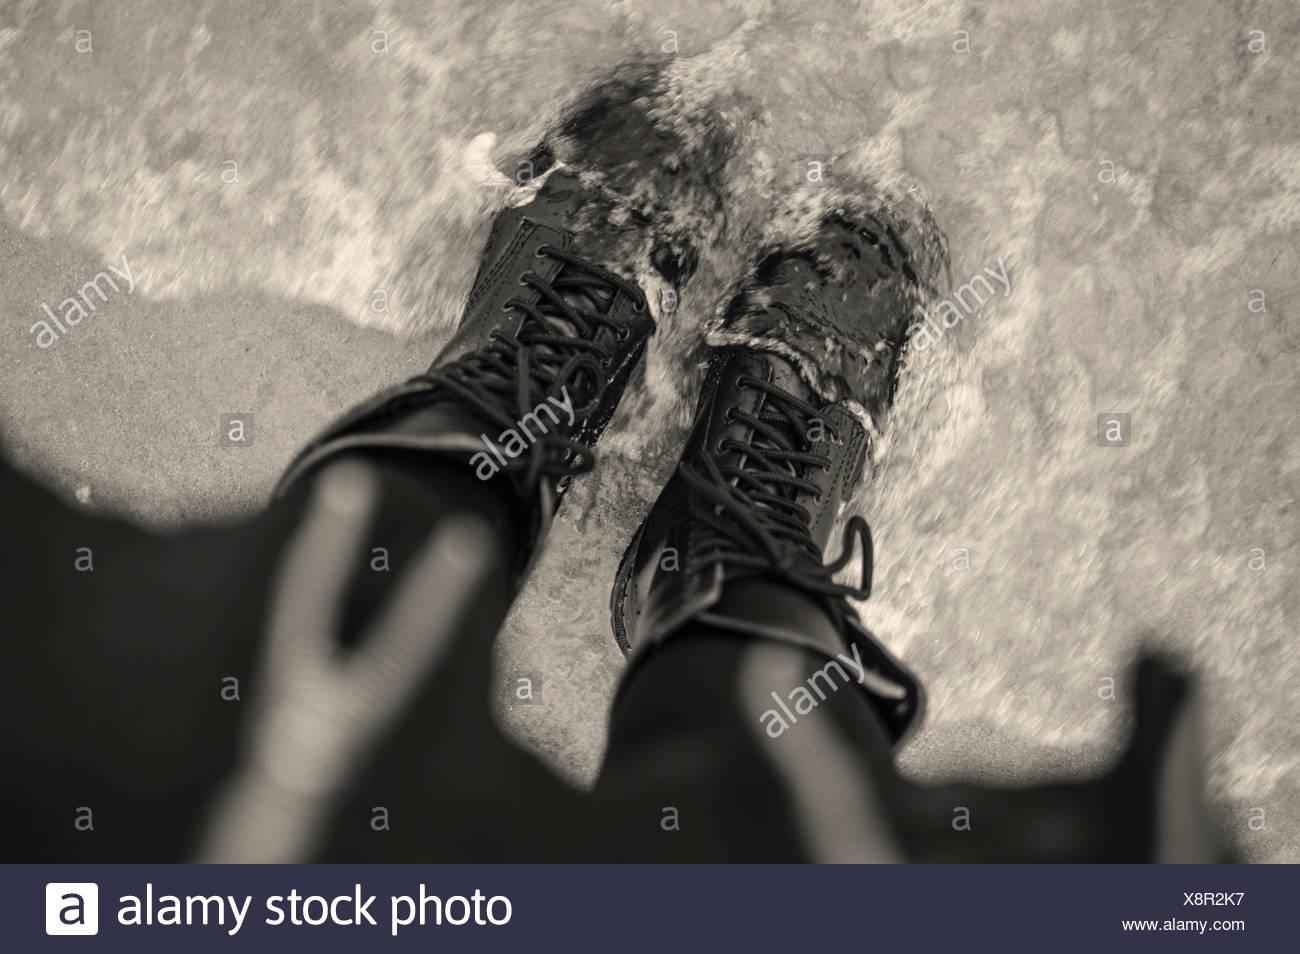 Angolo di Alta Vista della giovane donna nel legare scarponi in mare Immagini Stock